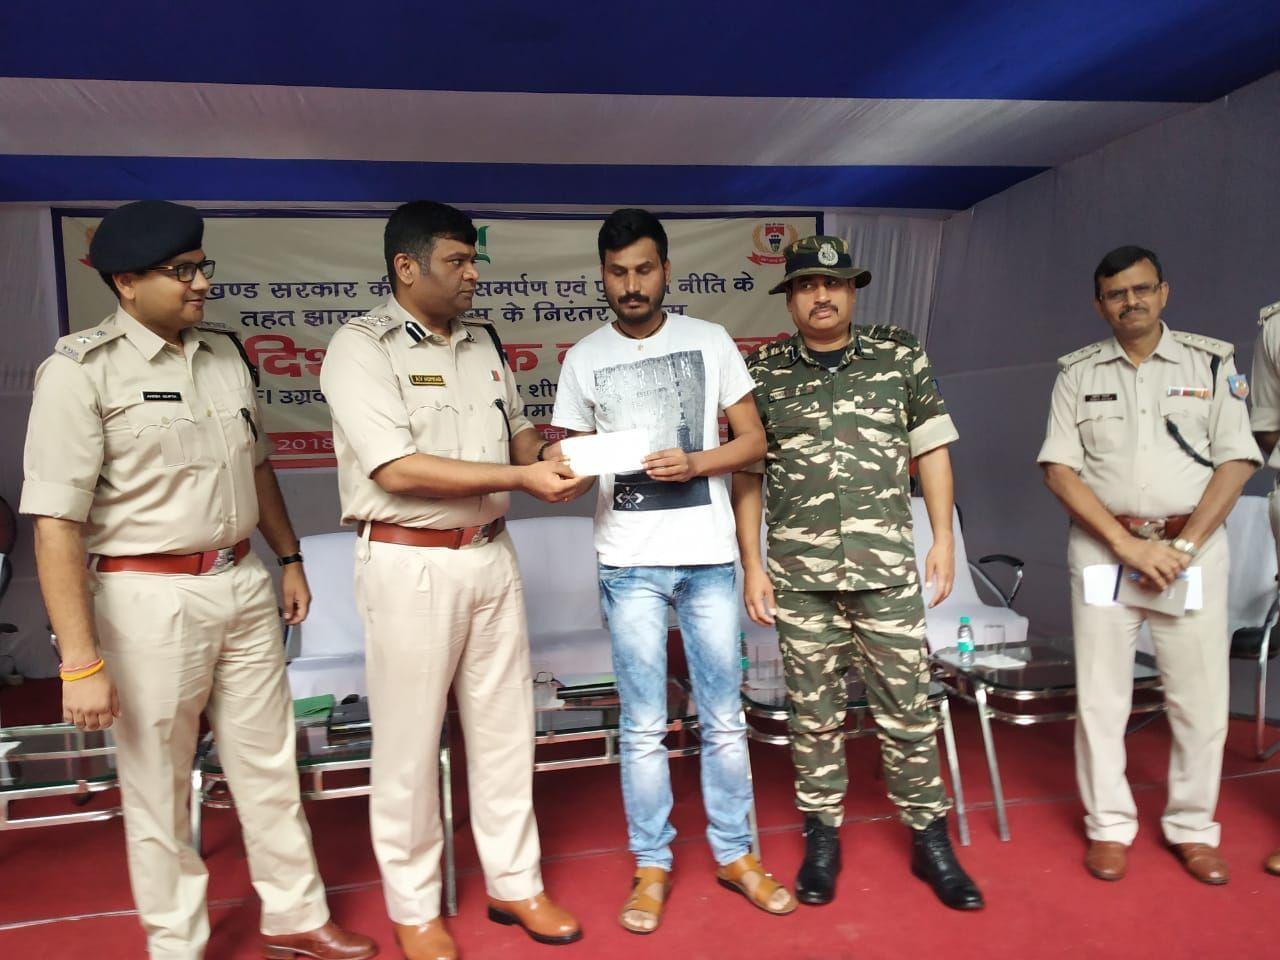 <p>राँची - PLFI का जोनल कमांडर और 10 लाख का इनामी नक्सली ने डीआईजी एवी होमकर और एसएसपी अनीश गुप्ता के समक्ष किया सरेंडर।</p>